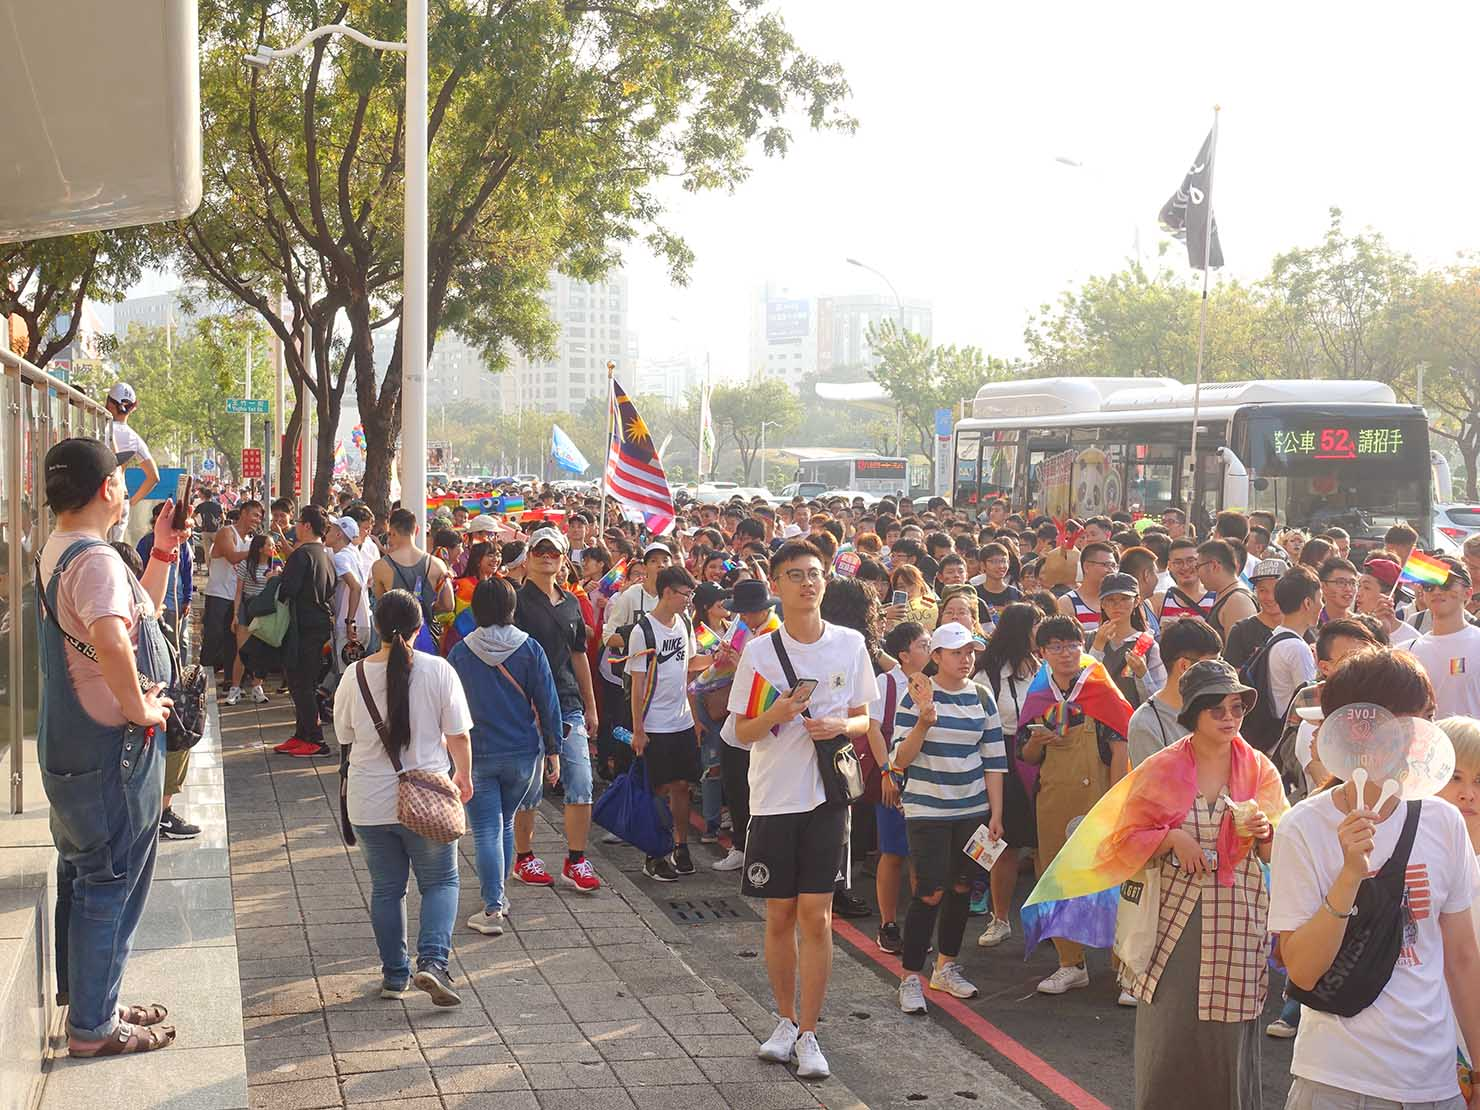 「高雄同志大遊行(高雄プライド)」2019でMRT中央公園駅前を歩くパレード参加者たち